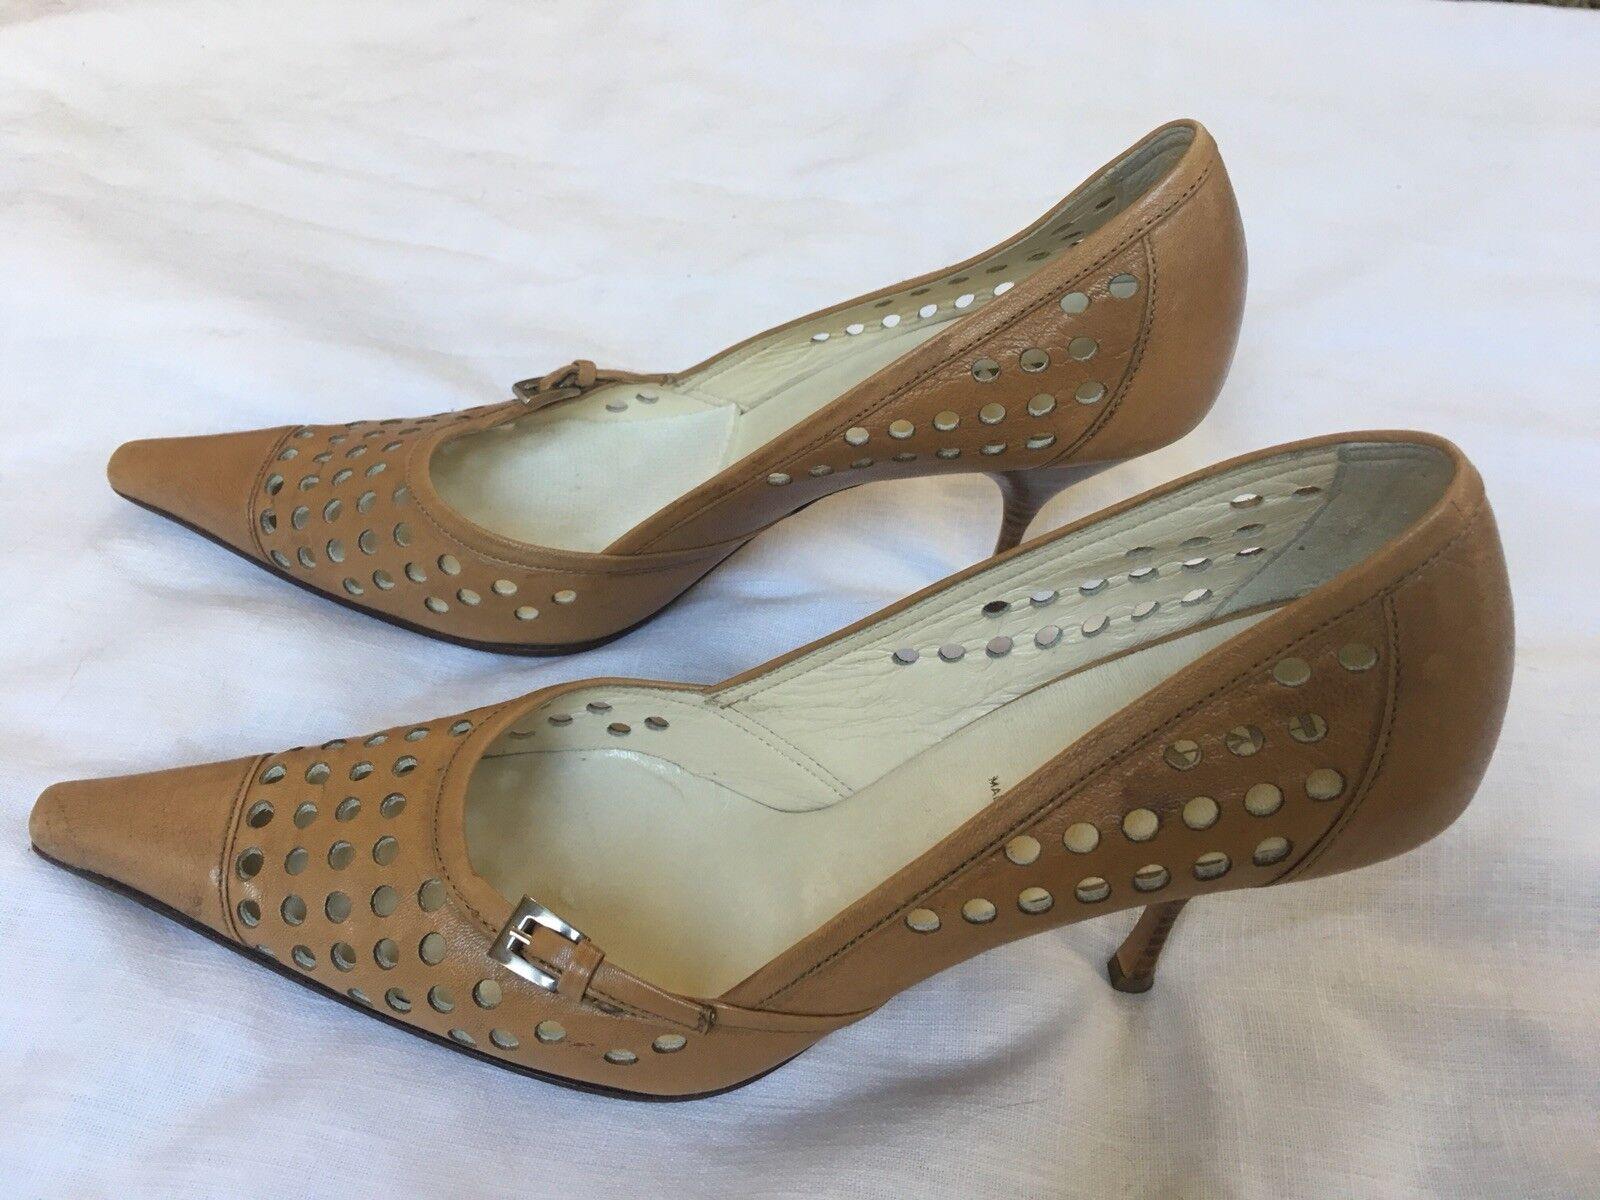 Prada Zapatos de Salón Puntera Cuadrada Vero Cuoio 36.5 36.5 36.5 Mostaza  suministramos lo mejor